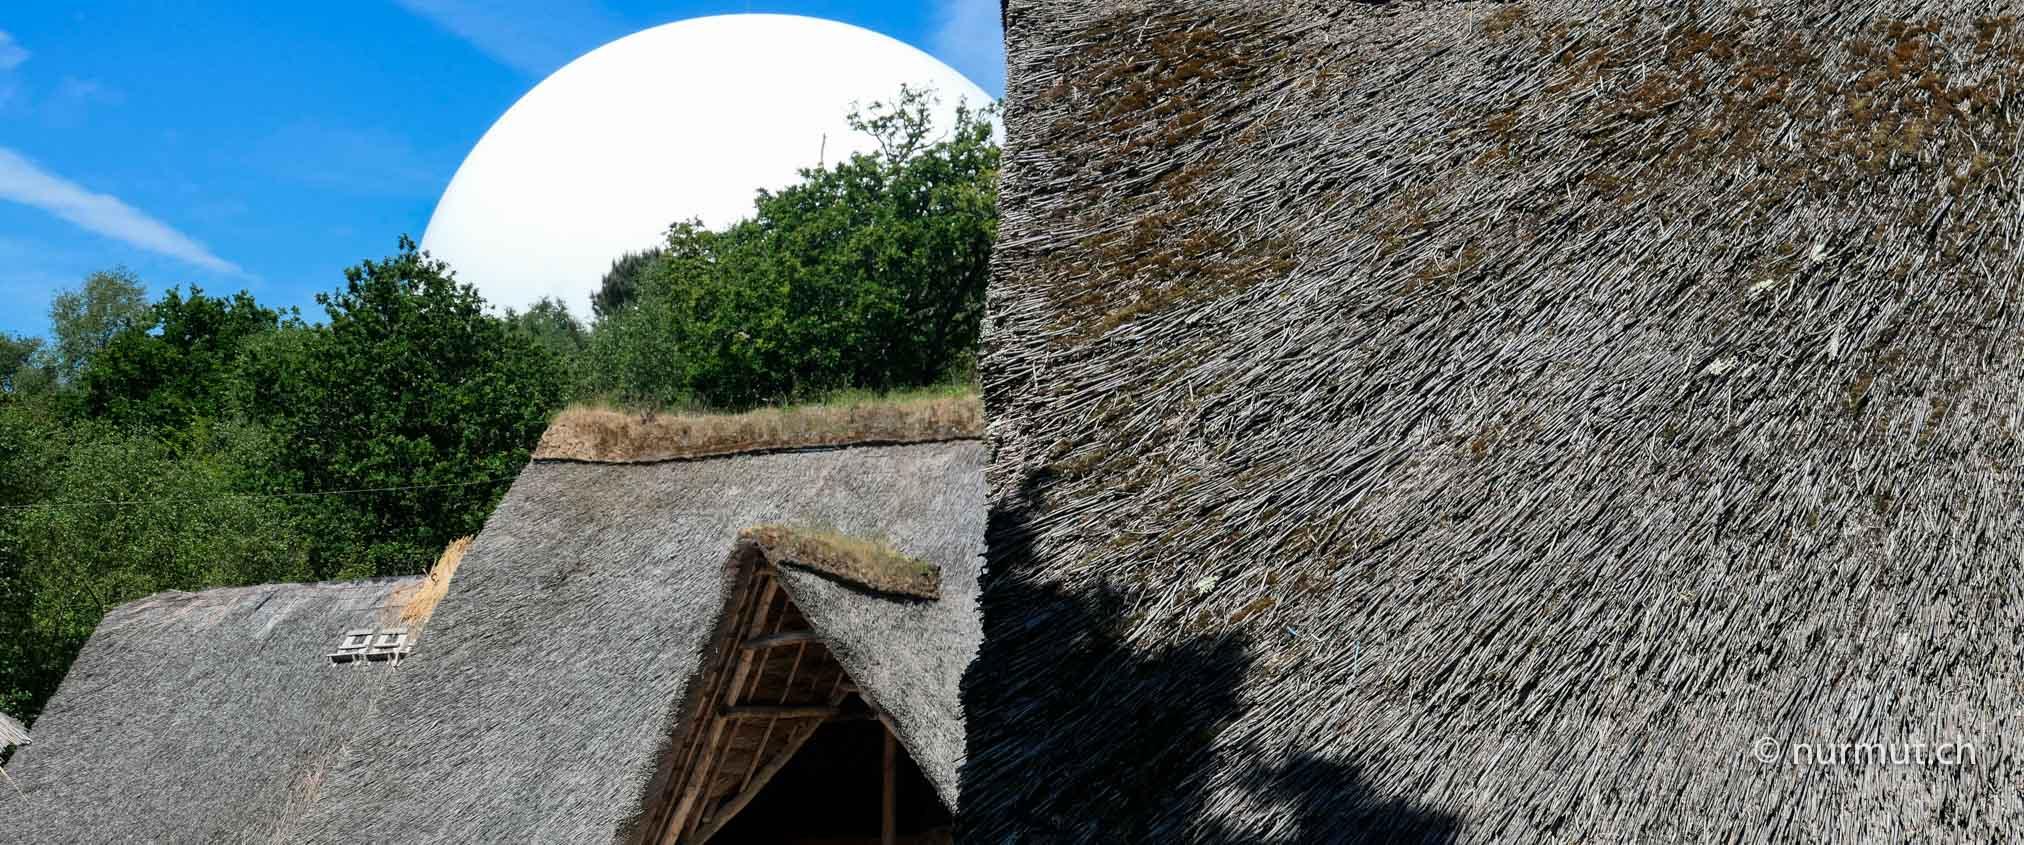 Bretagne-im-Winter-mit Wohnmobil-und-Hund-Village-Gaulois-Pleumeur-Bodou